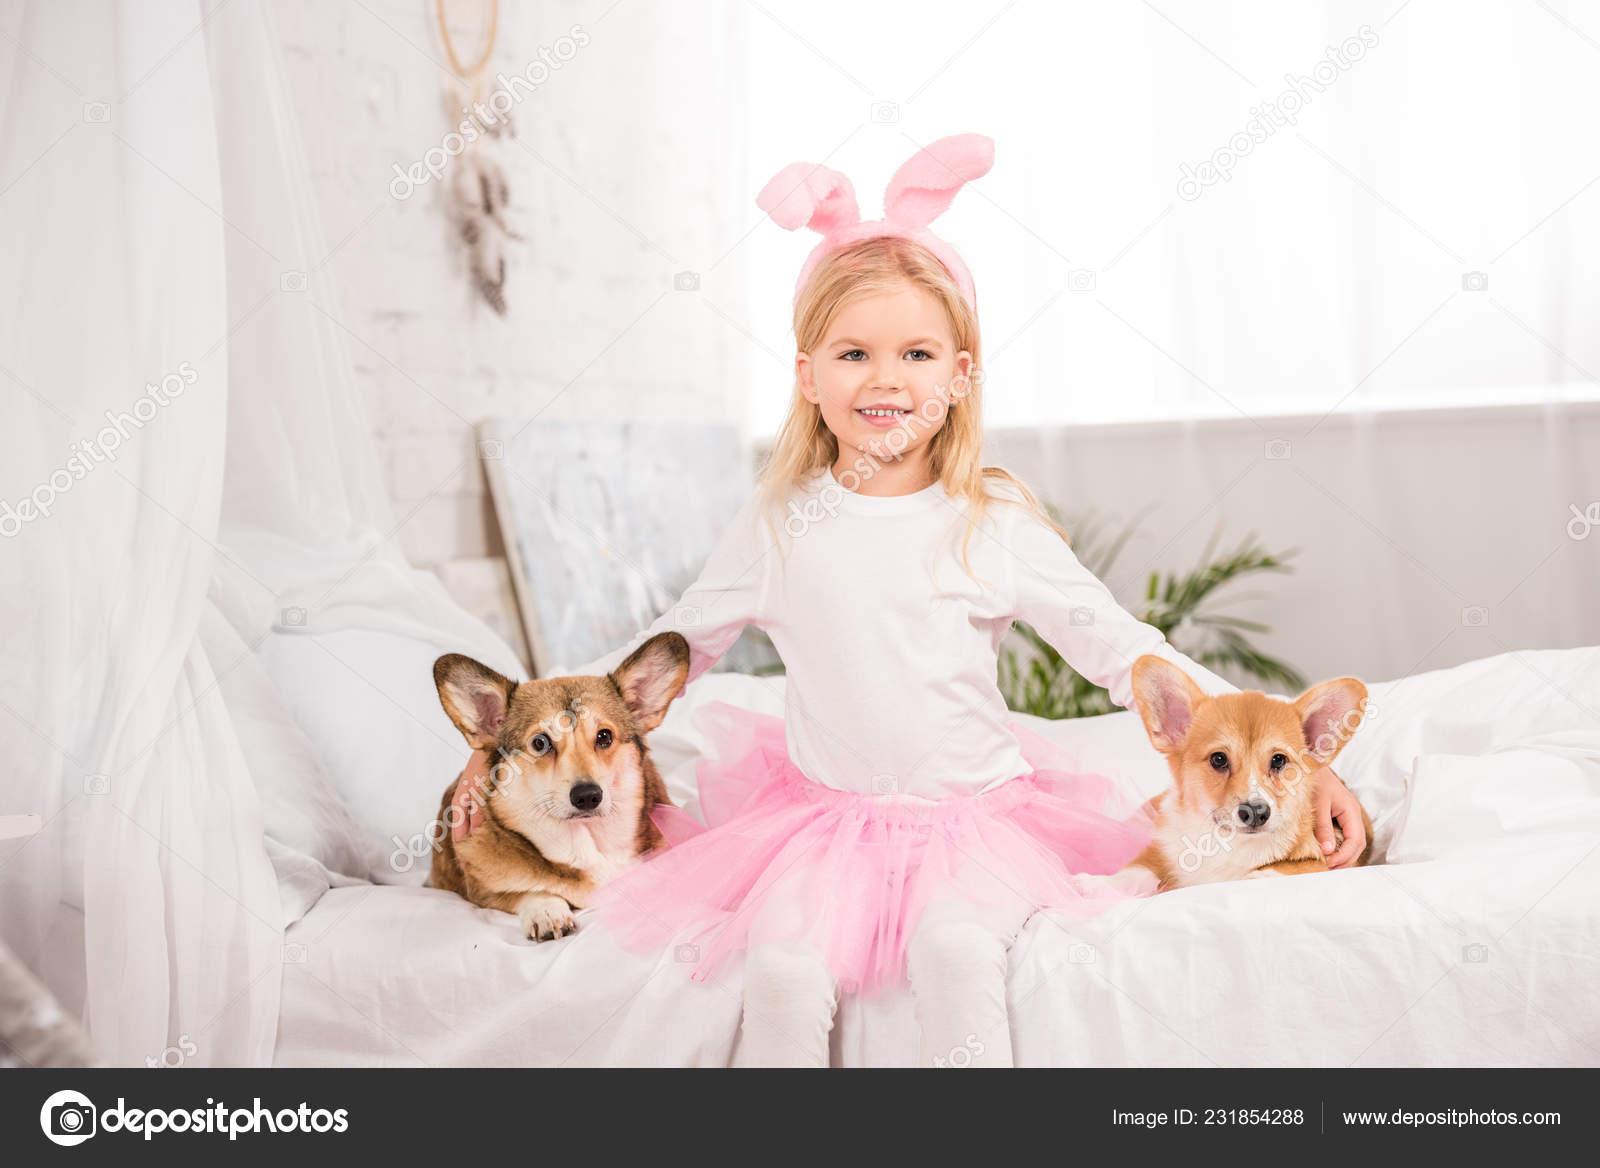 Usmívající Dítě Zajíček Uši Čelenka Sedící Welsh Corgi Psy Posteli — Stock  fotografie c6f1165923